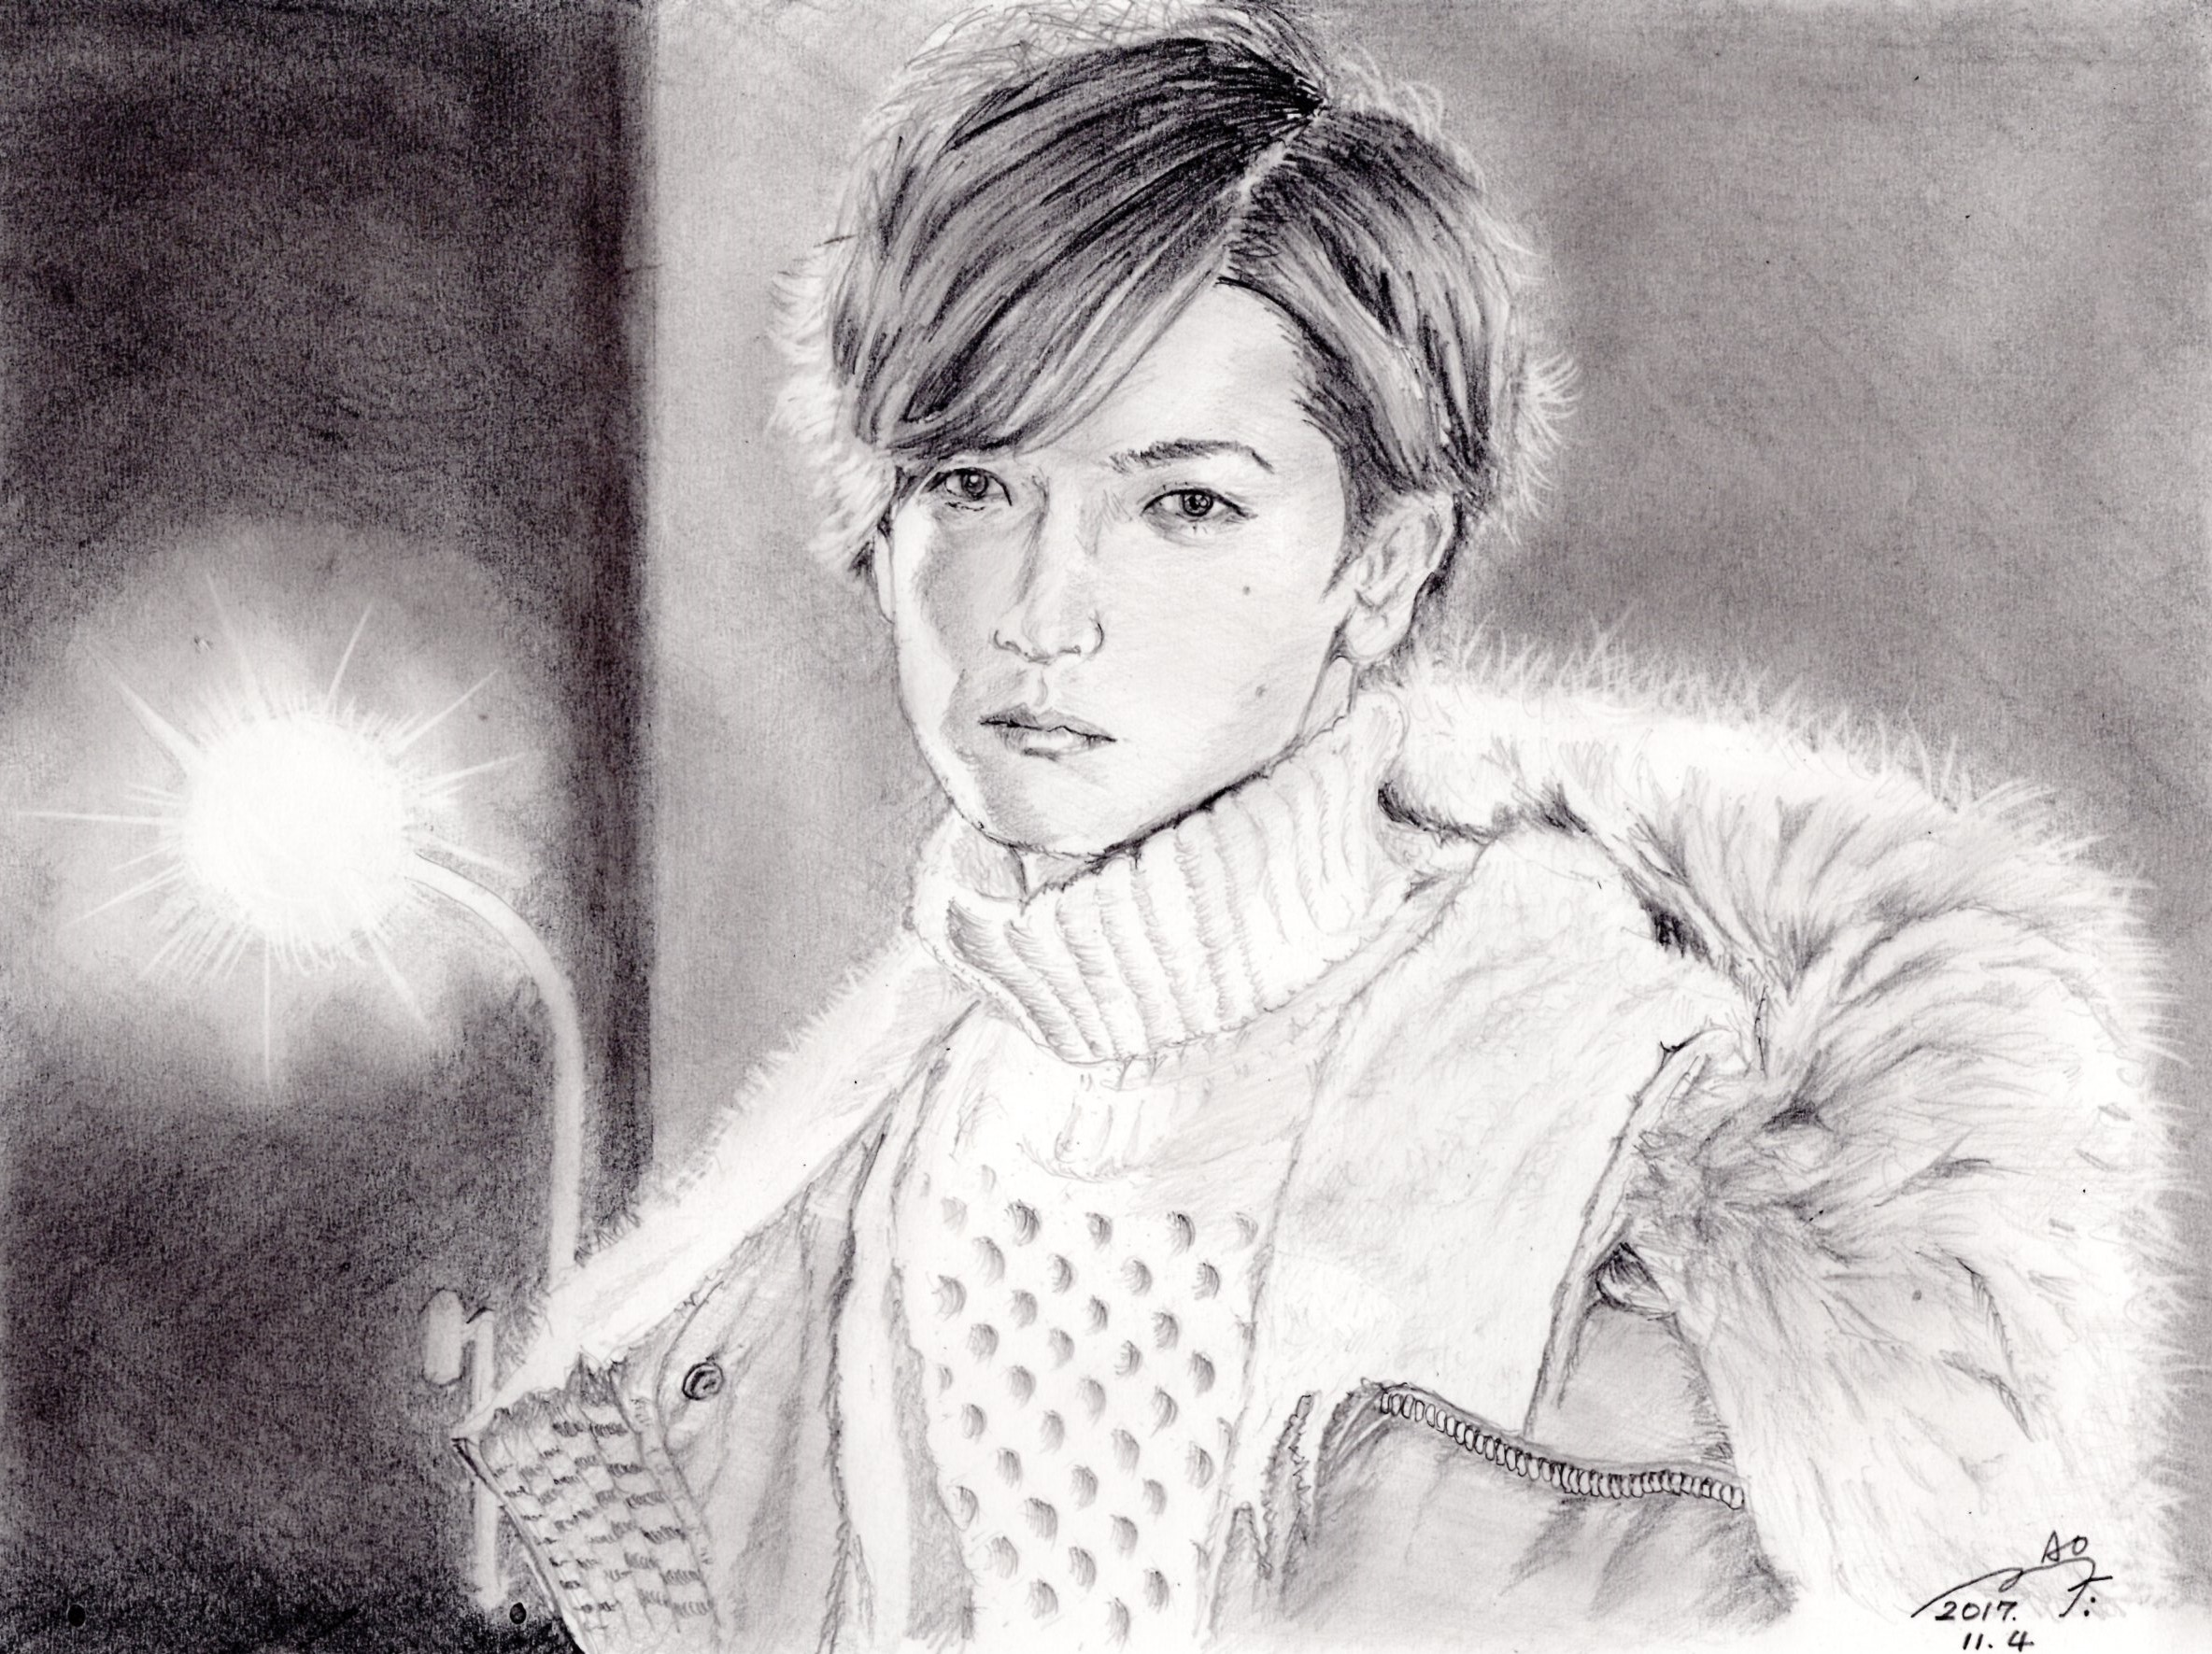 中島裕翔の鉛筆画似顔絵